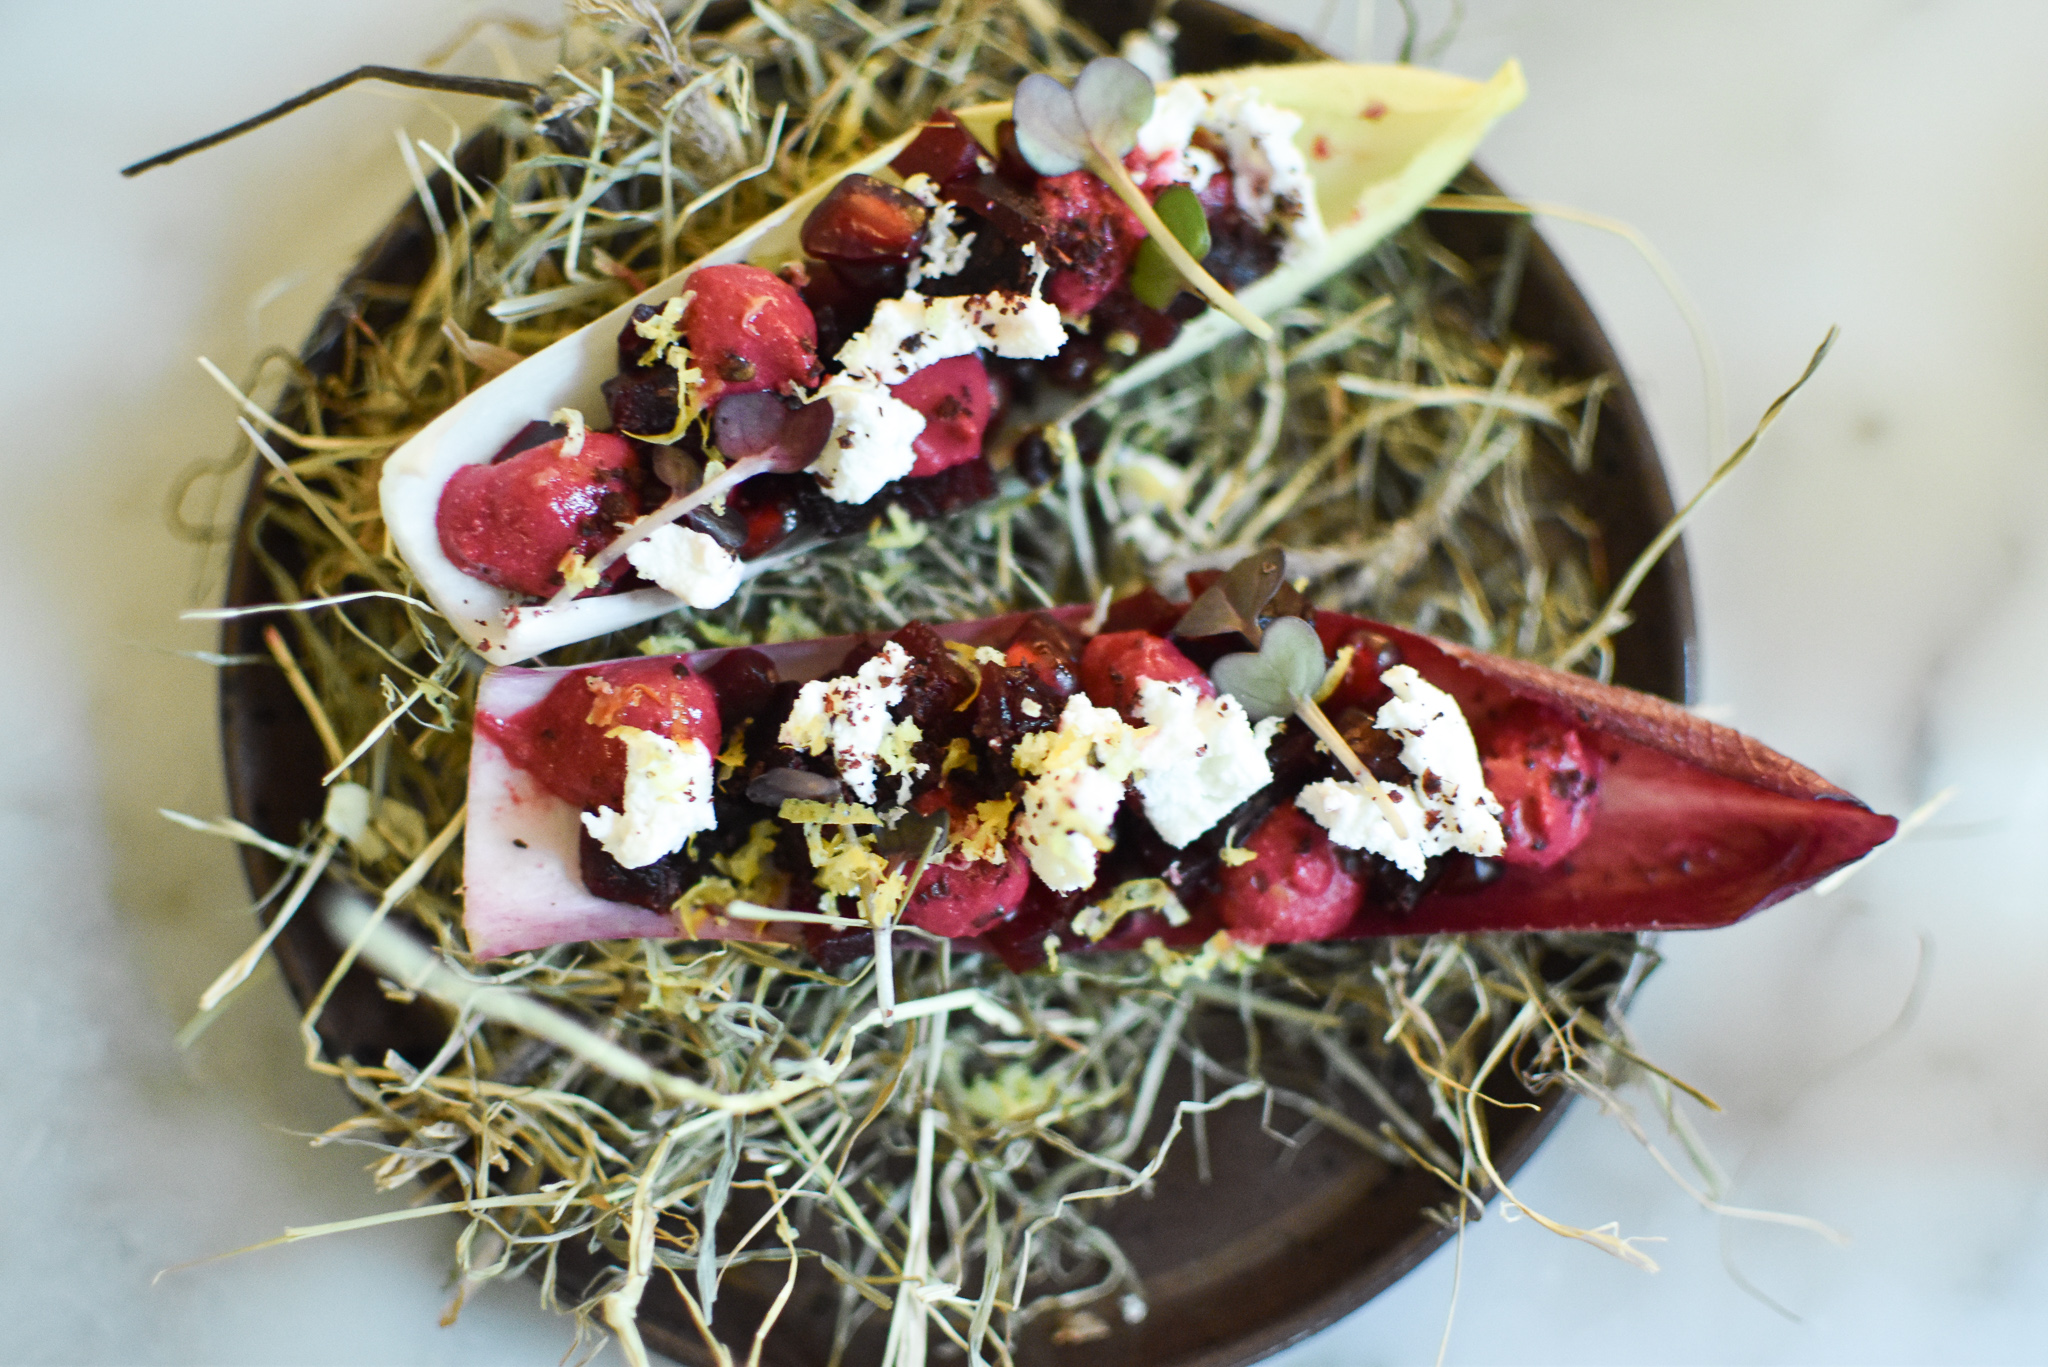 2015 - Witloof, gebrokkelde geitenkaas, crème van rode biet, za'athar, limoen, granaatappel, kervel. Graanmarkt 13